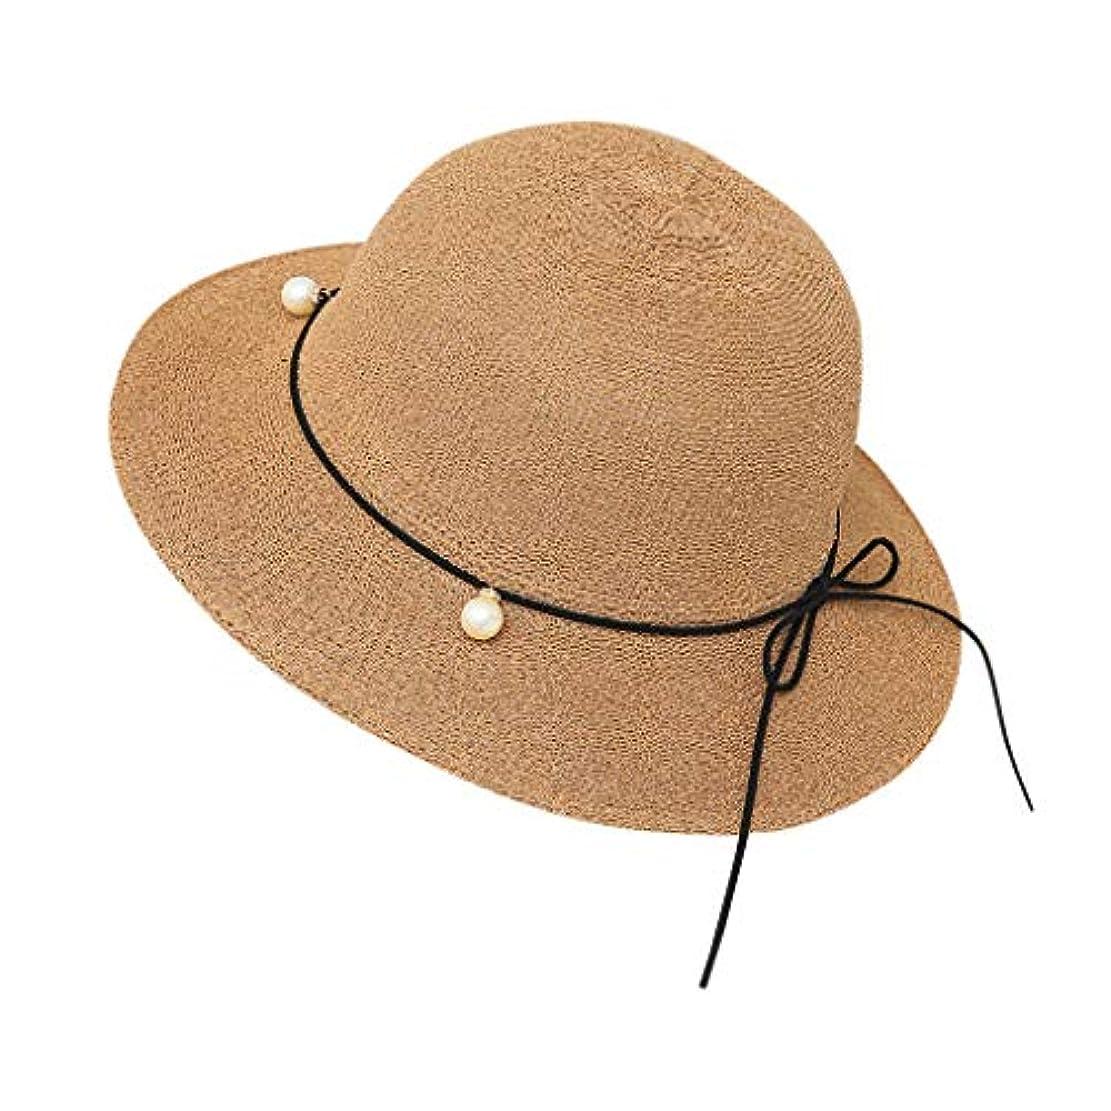 フライト怖がらせる流行している帽子 レディース 夏 女性 UVカット 帽子 ハット 漁師帽 つば広 吸汗通気 紫外線対策 大きいサイズ 日焼け防止 サイズ調節 ベレー帽 帽子 レディース ビーチ 海辺 森ガール 女優帽 日よけ ROSE ROMAN